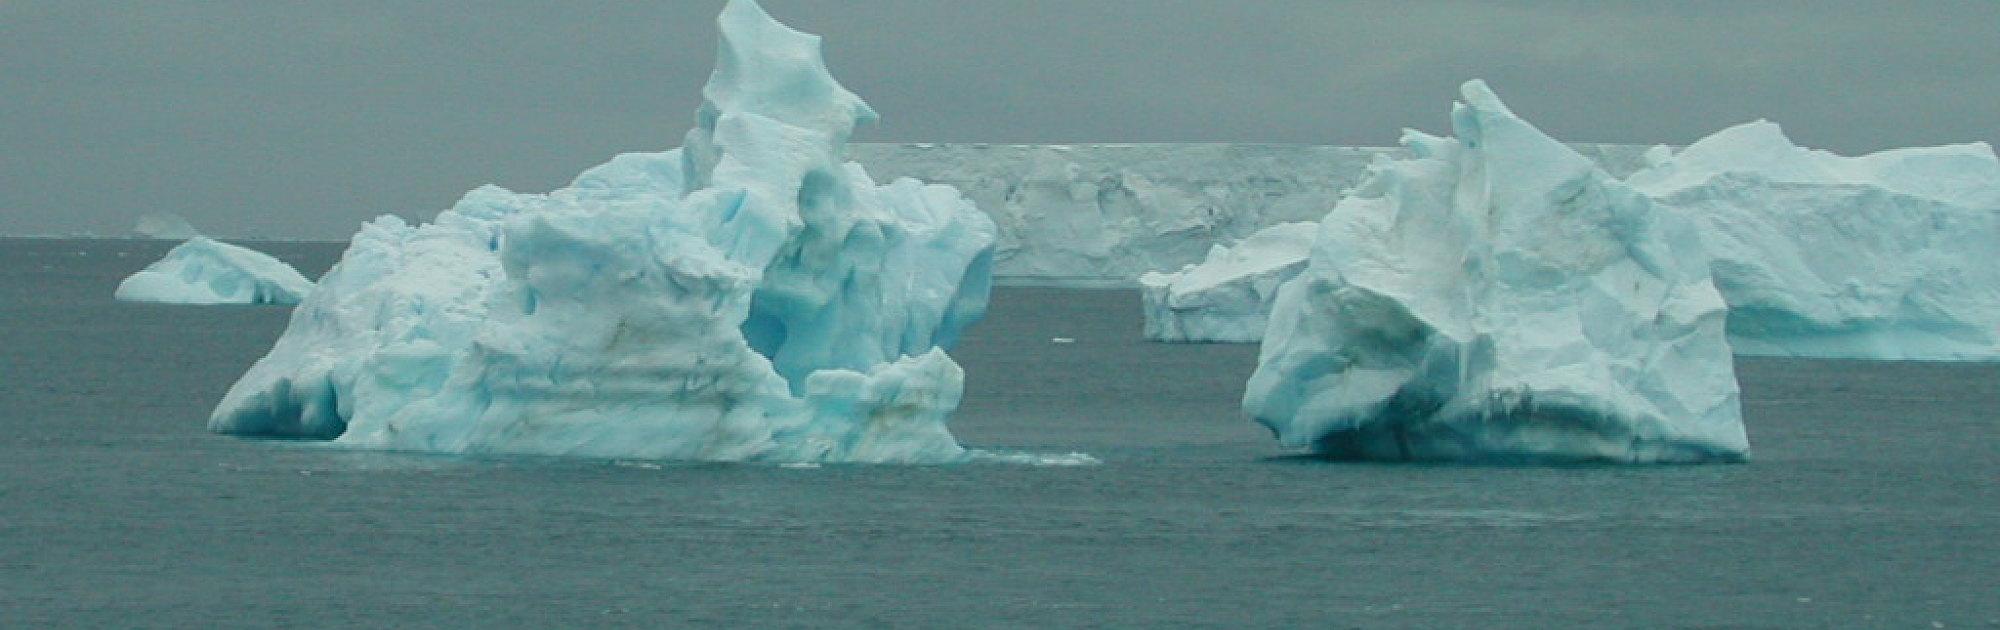 Klimawandel: Eisbergschmelze Lässt Meeresspiegel Doch für Eis Im Wasserglas Schmelzen Wie Ist Der Wasserspiegel Nun